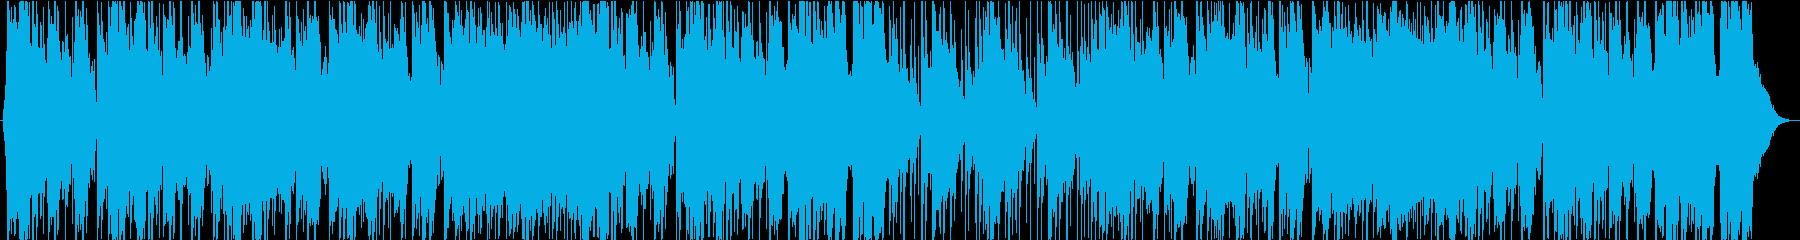 明るい元気なBGM リコーダーの再生済みの波形